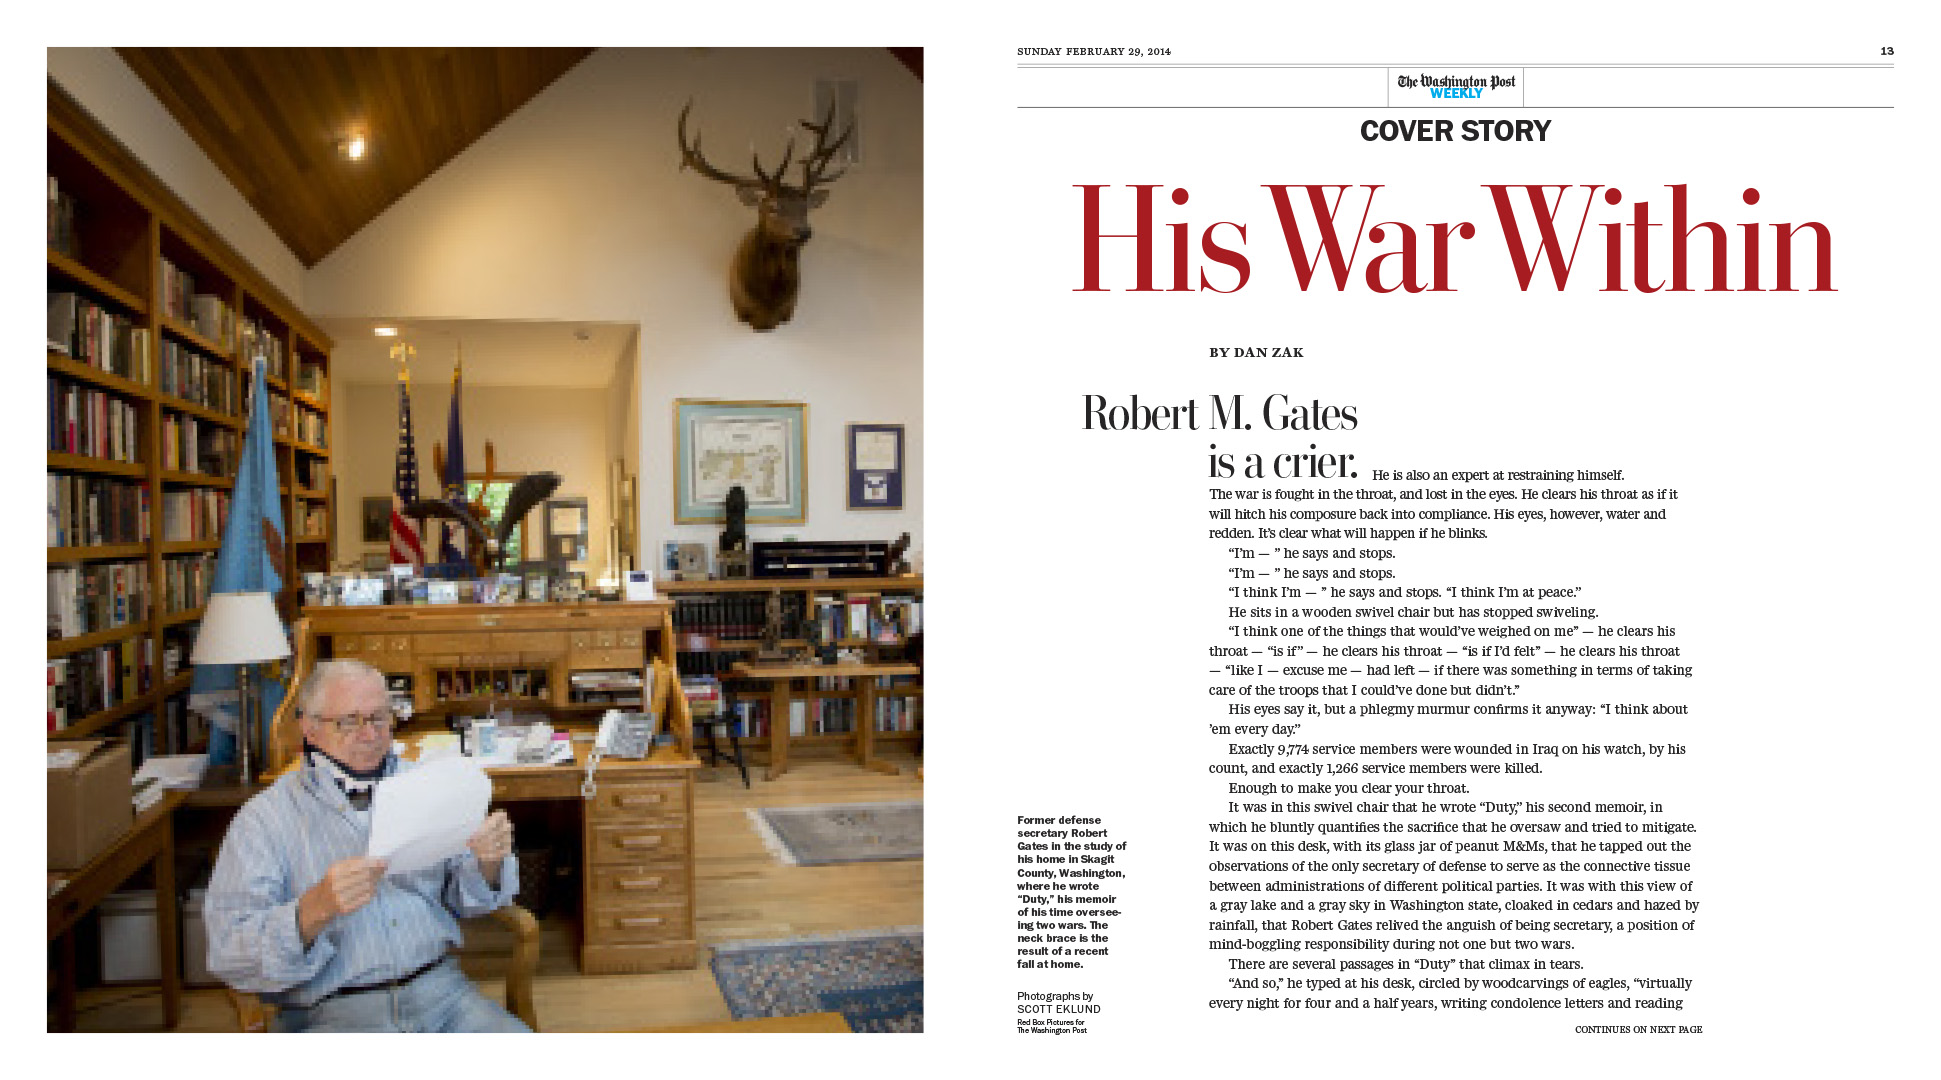 WP-NatWkly_Cover story.jpg